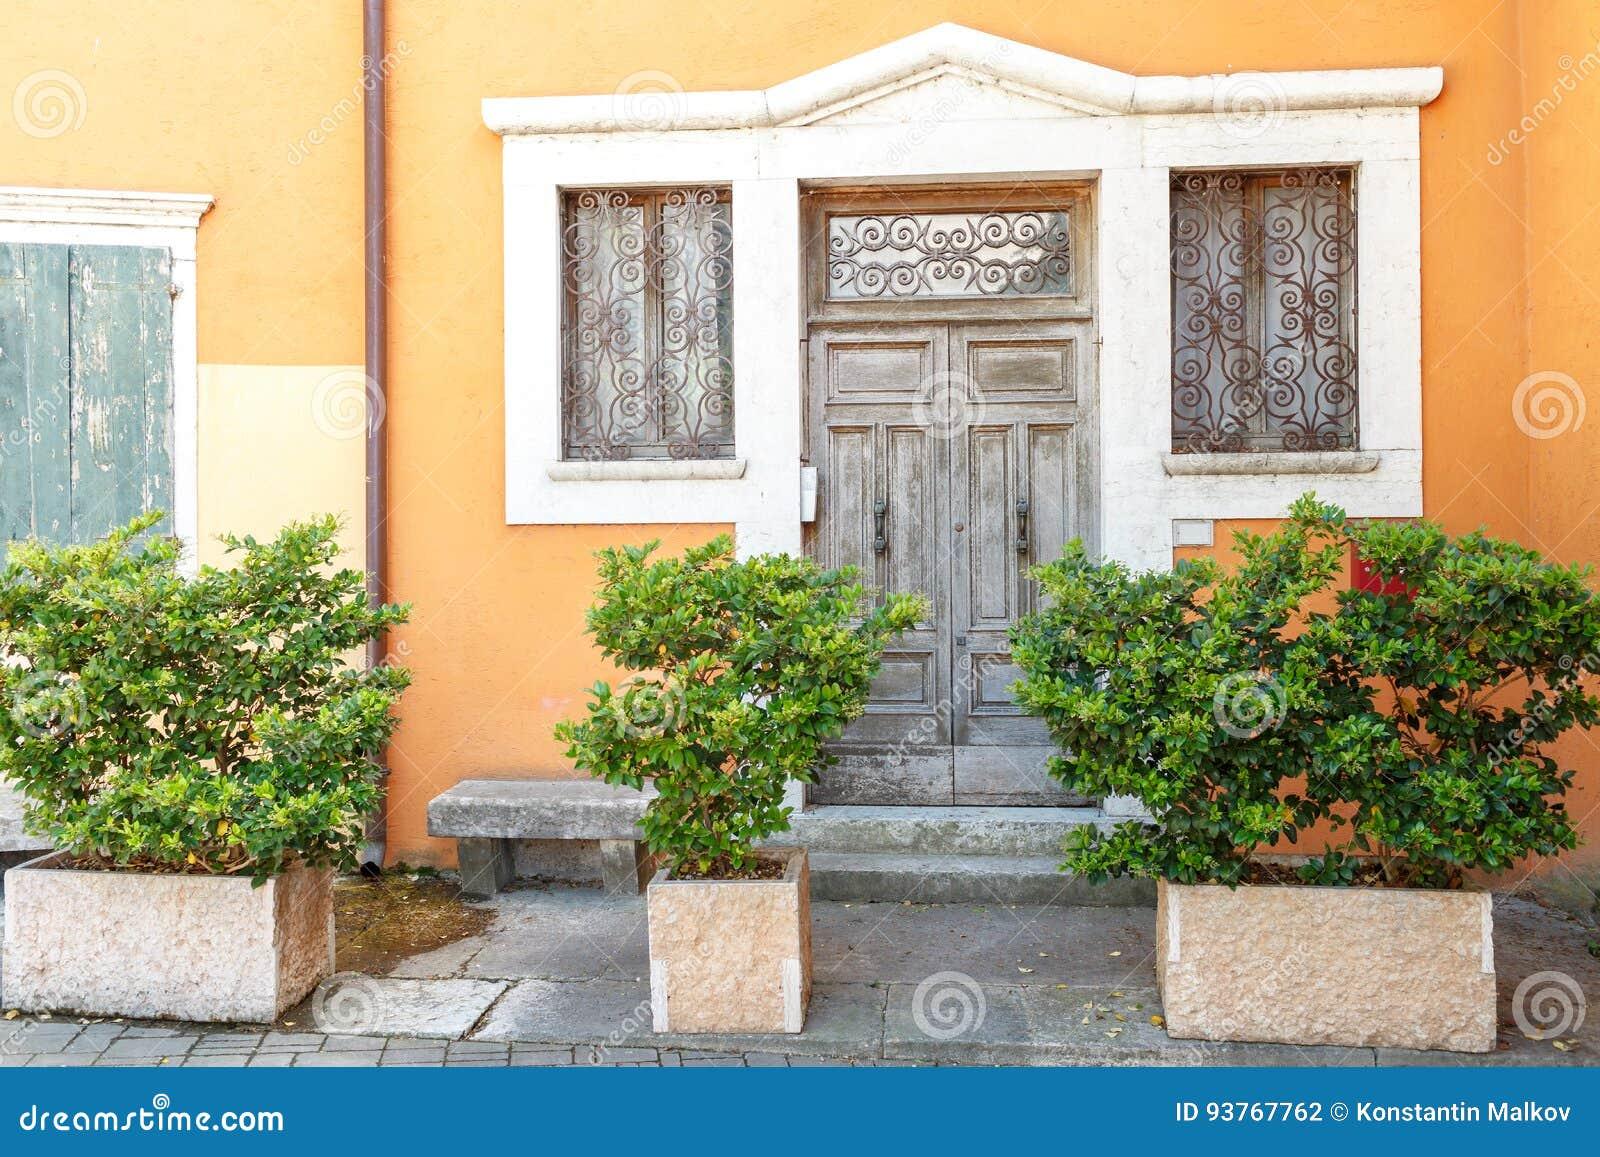 De oude ingangsdeur en het venster met blinden in de muur van een